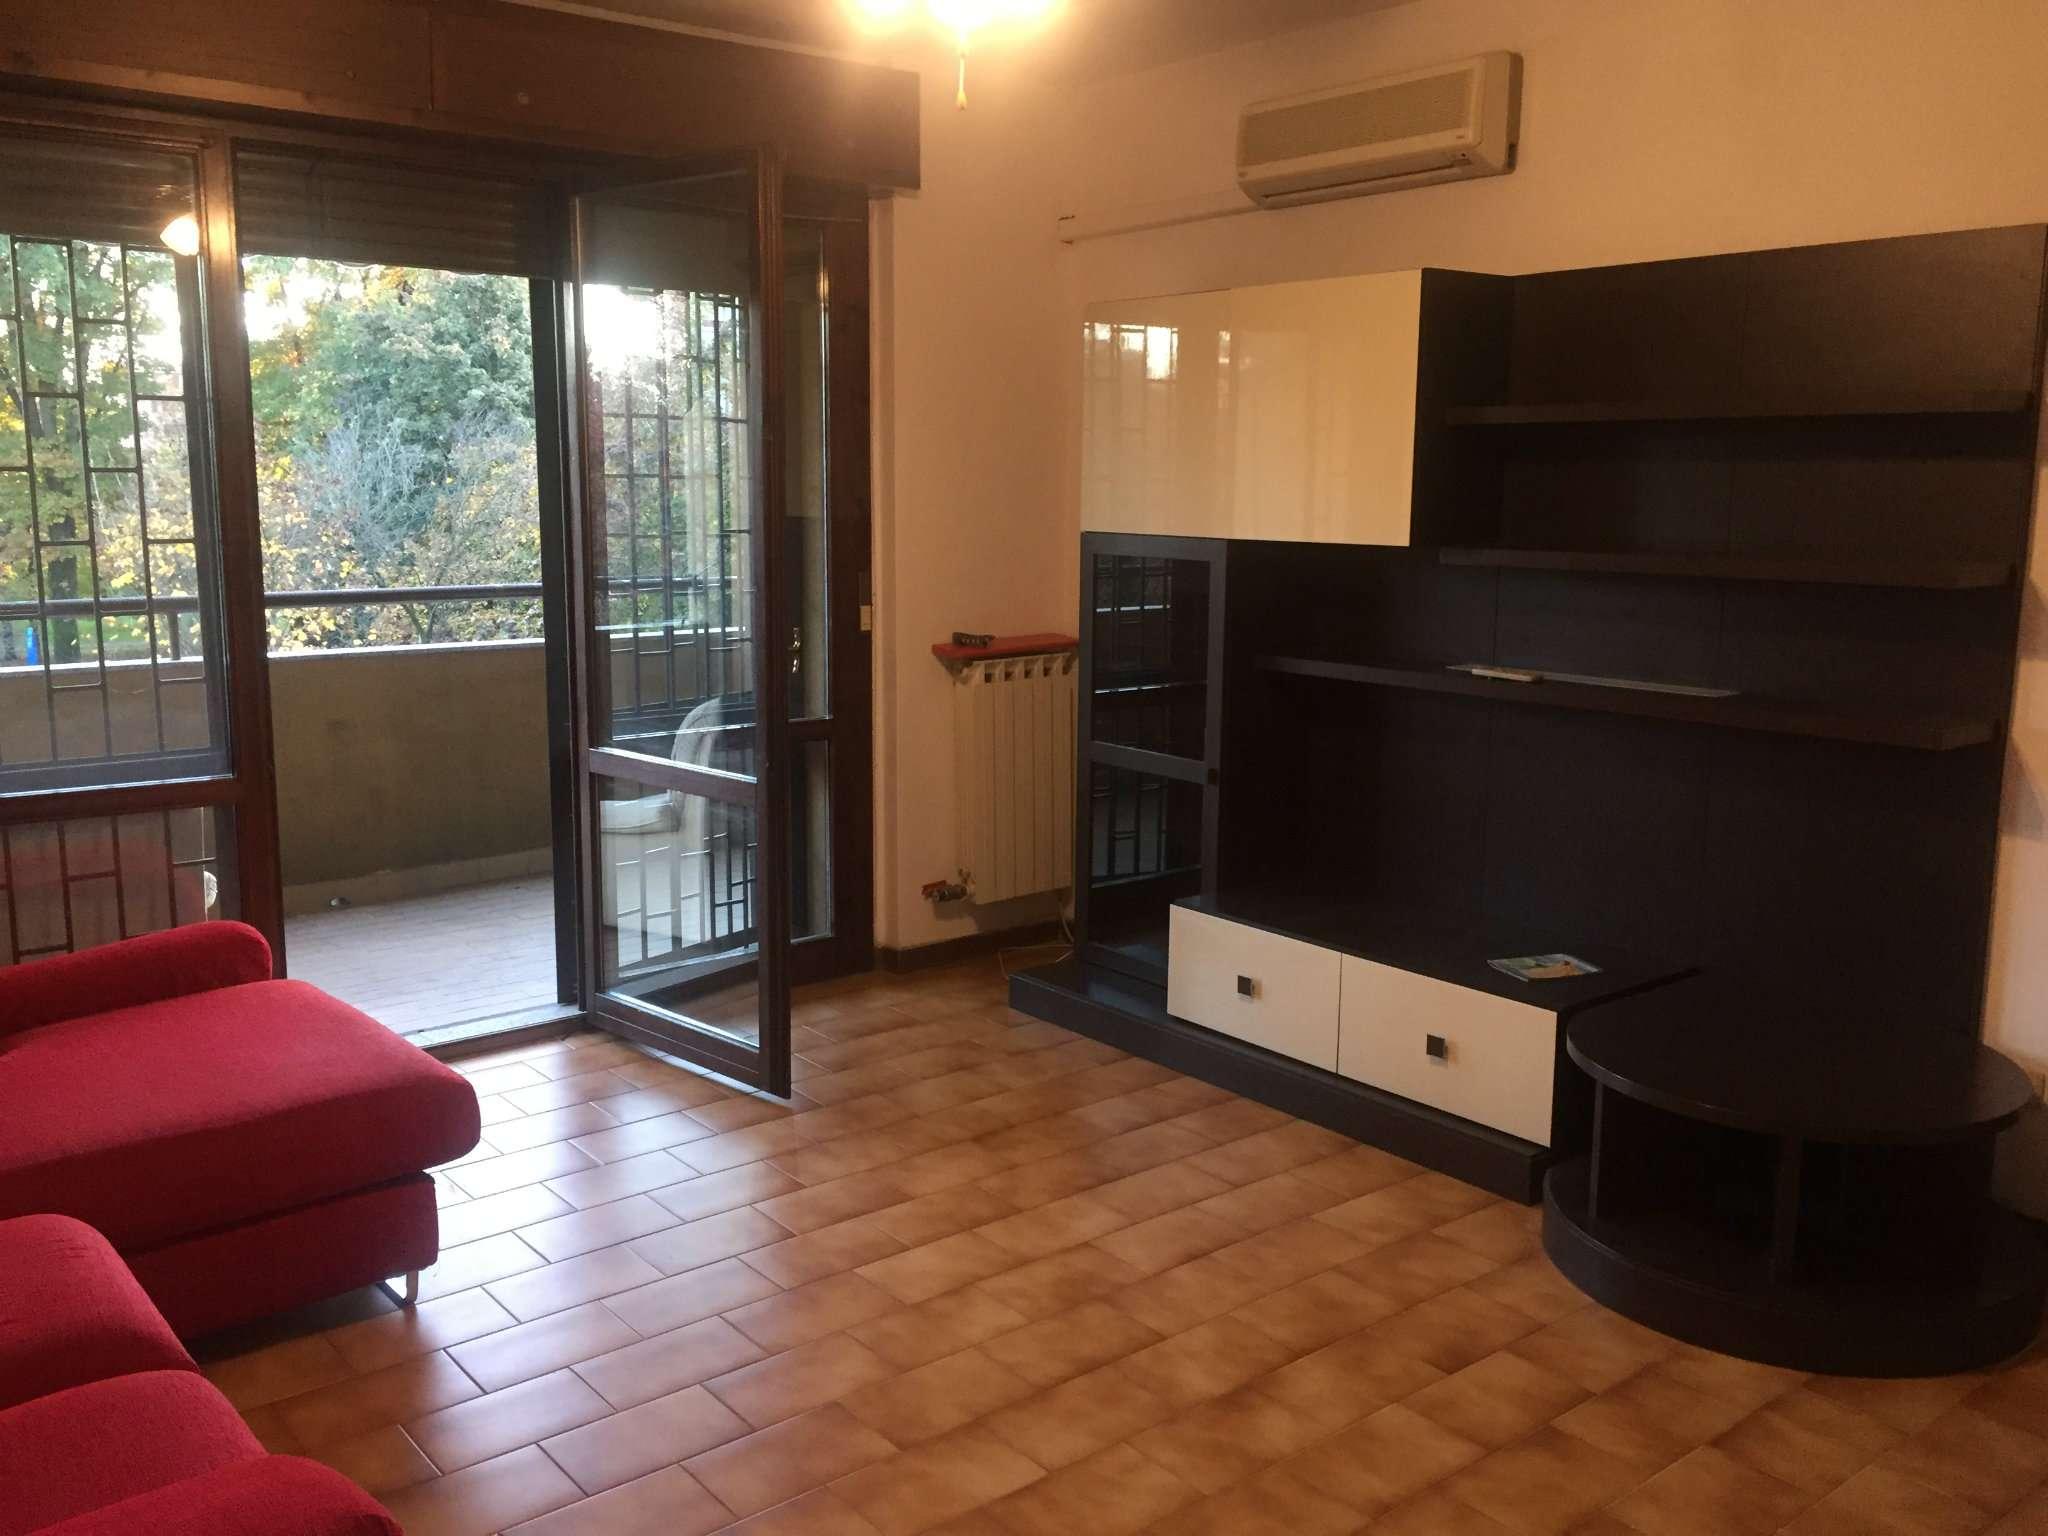 Appartamento in affitto a Gorgonzola, 2 locali, prezzo € 700 | Cambio Casa.it